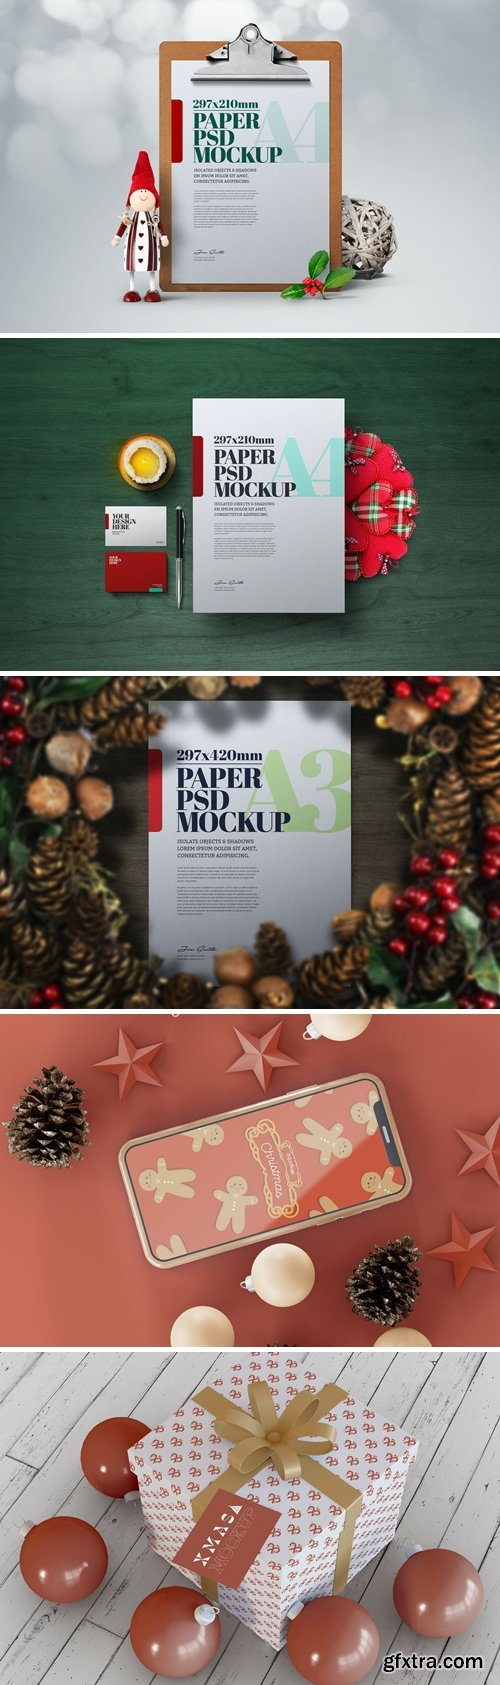 Christmas Mockup